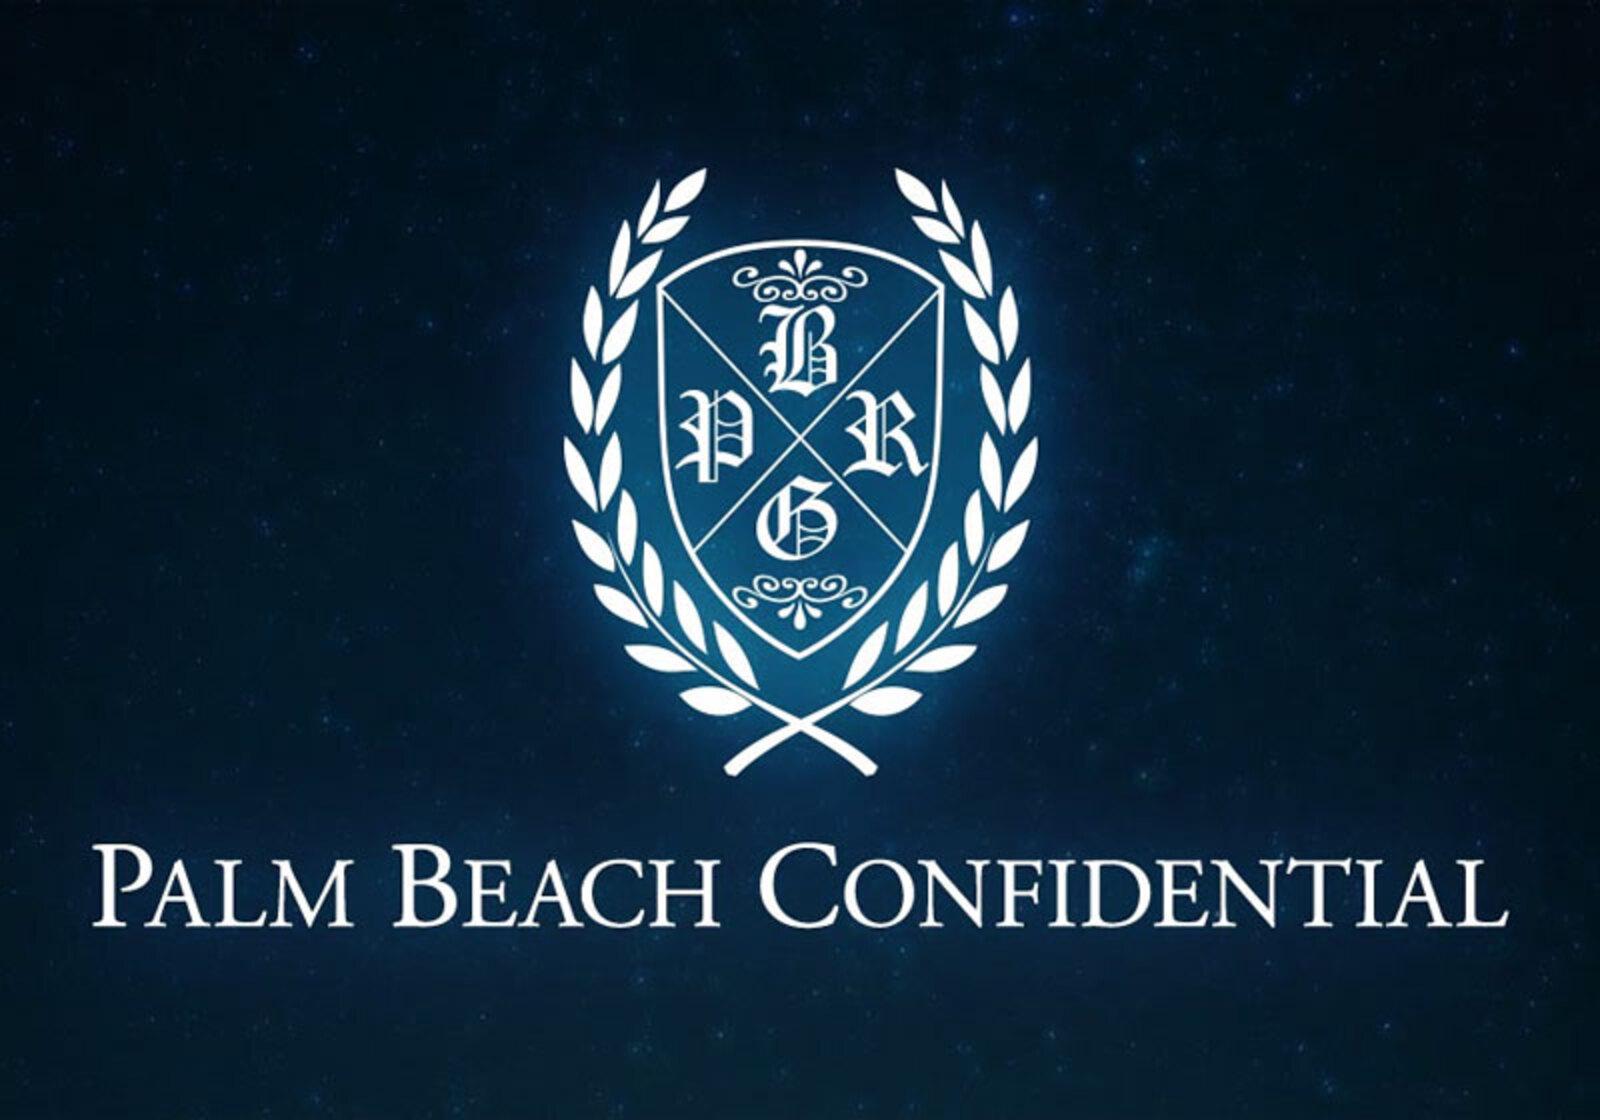 Palm Beach Confidential Reviews